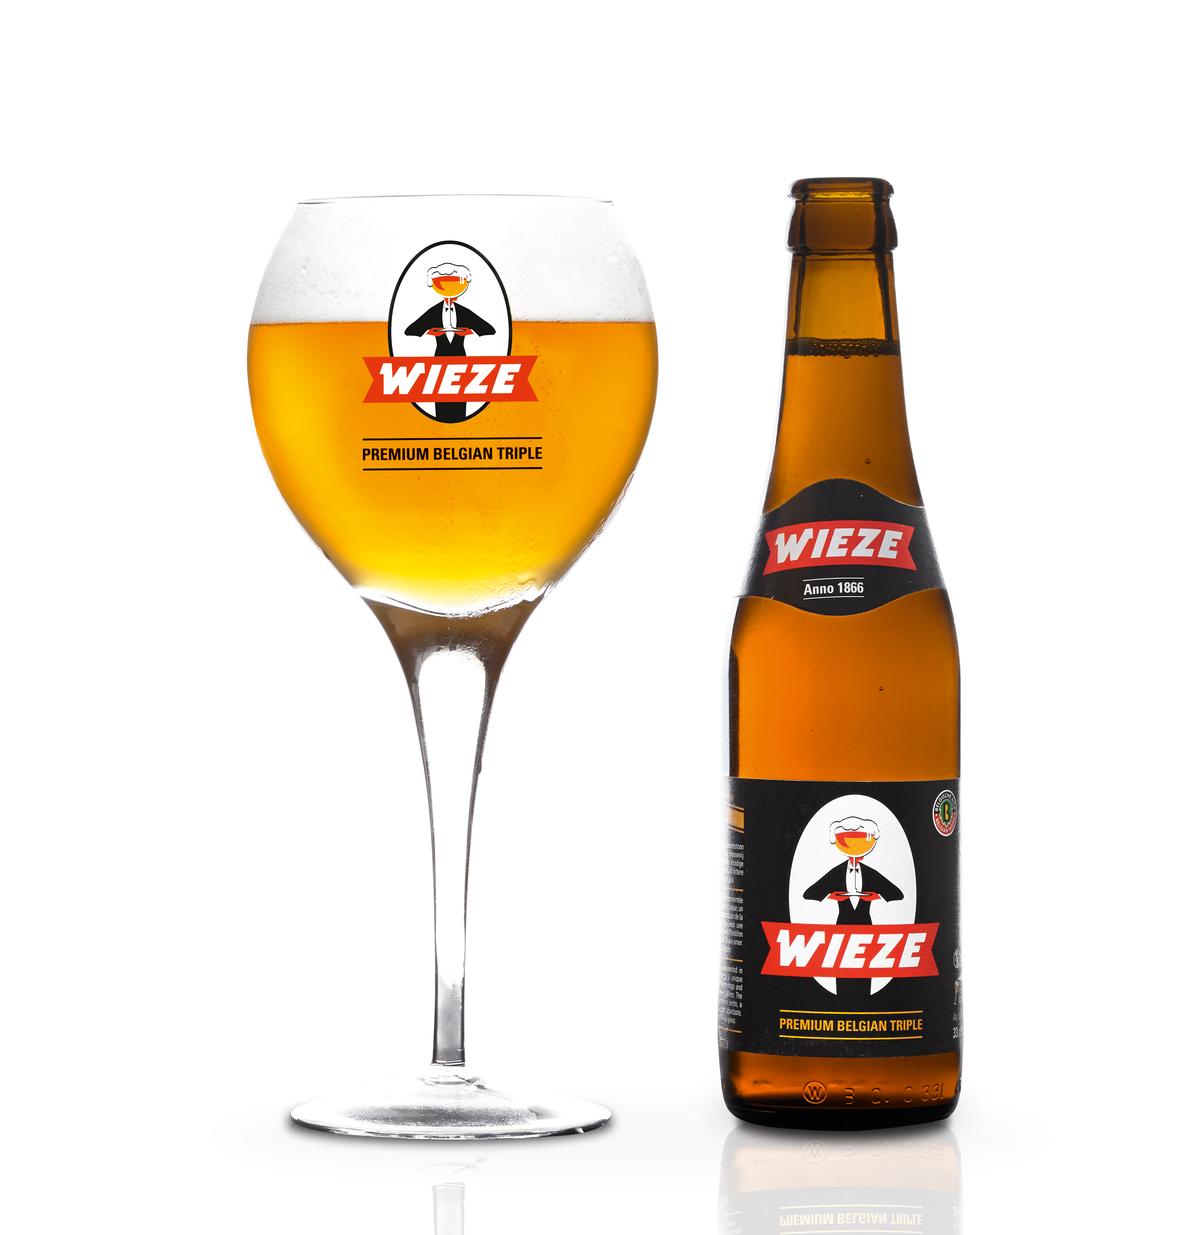 Wieze (bier) - Wikipedia